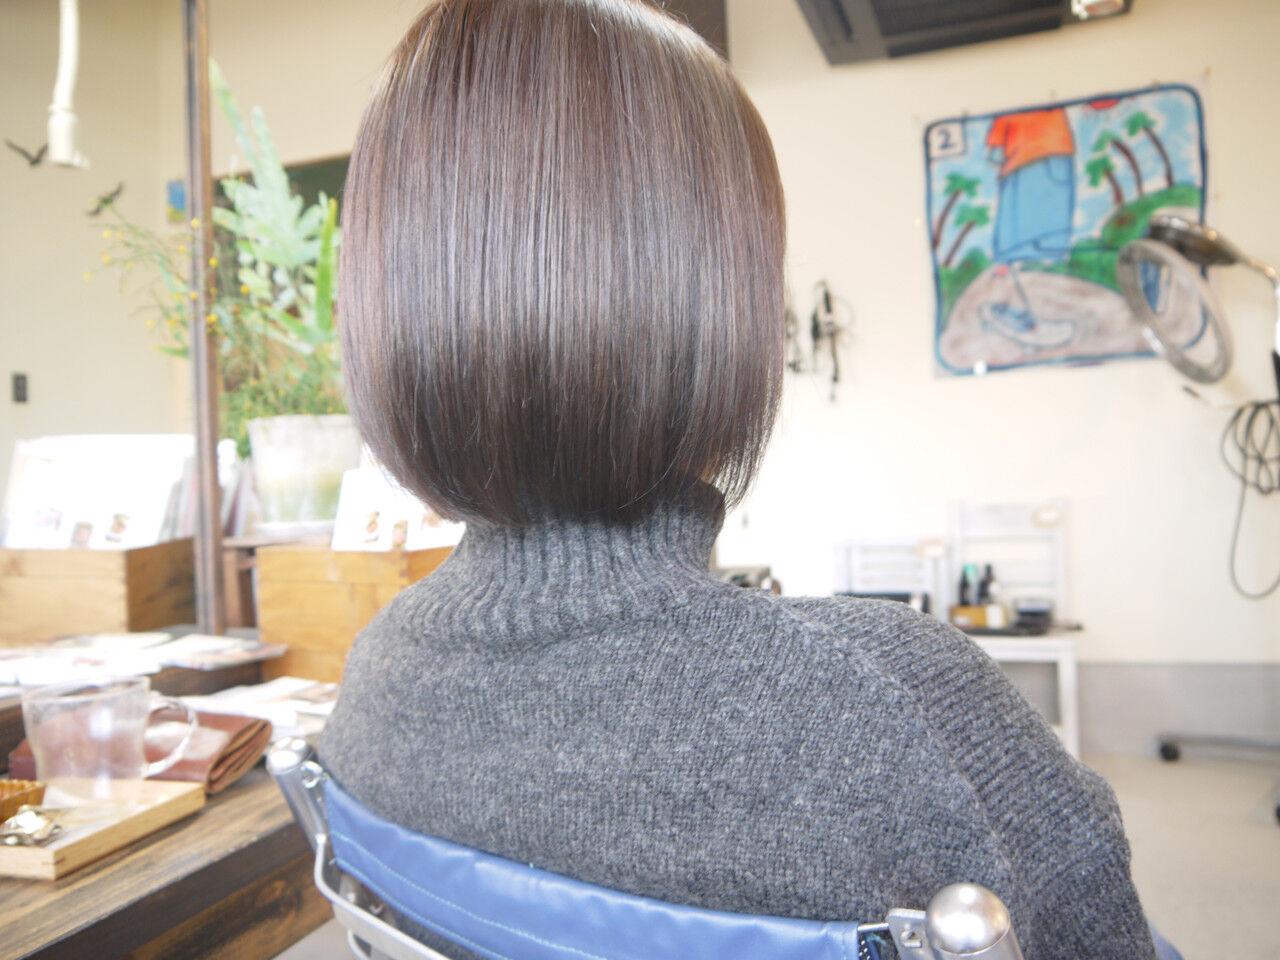 ナチュラル グレージュ ボブ ハイライトヘアスタイルや髪型の写真・画像